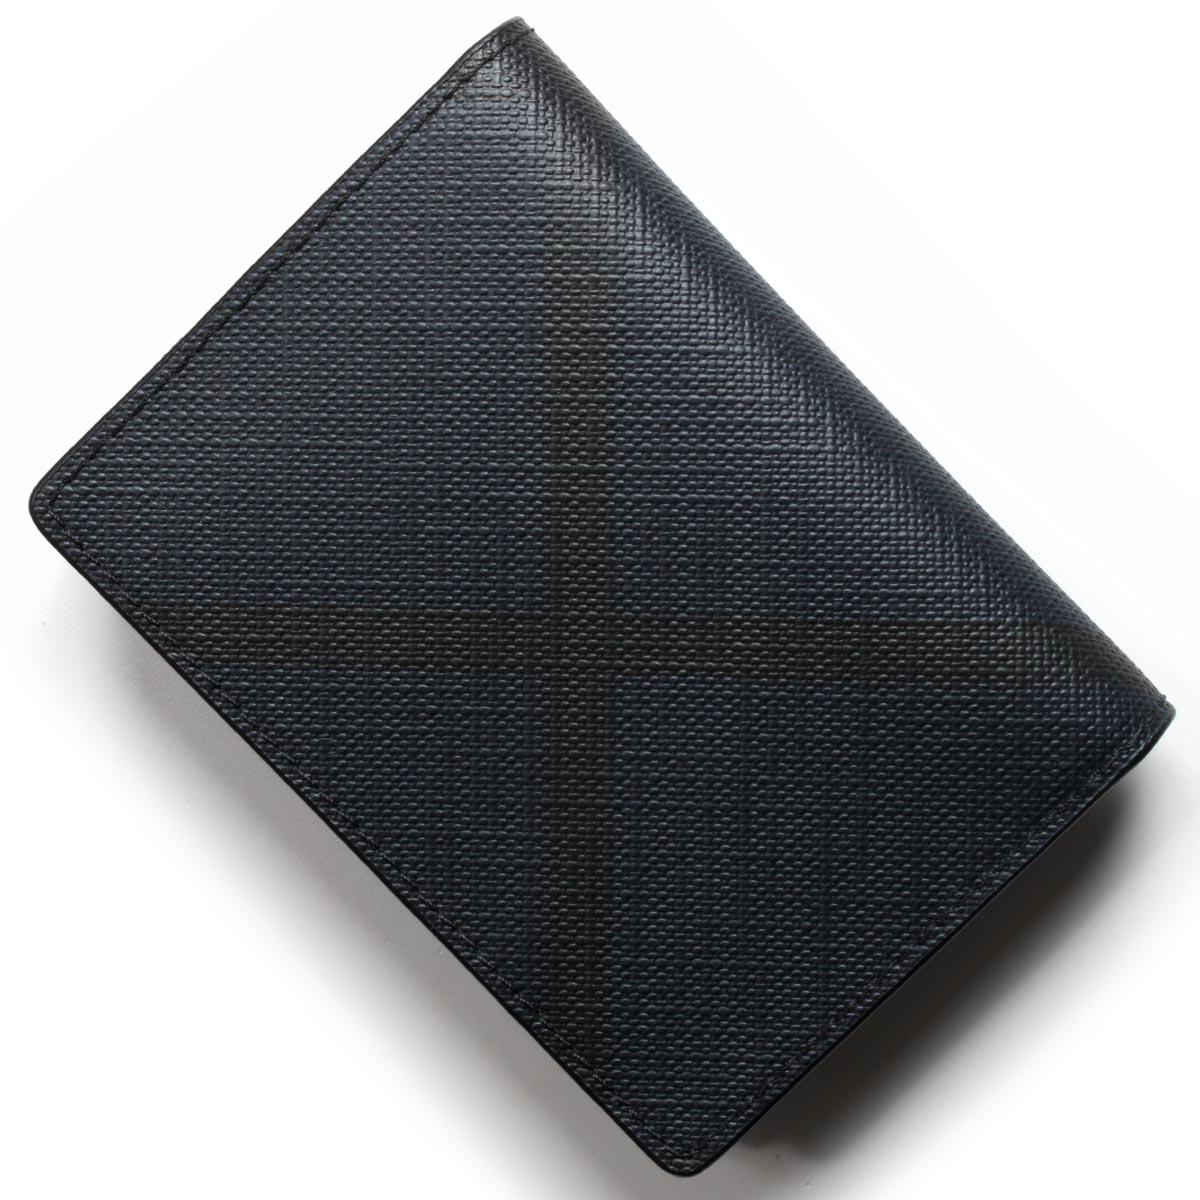 バーバリー カードケース/名刺入れ メンズ ロンドンチェック ネイビー&ブラック 4052320 4100B BURBERRY